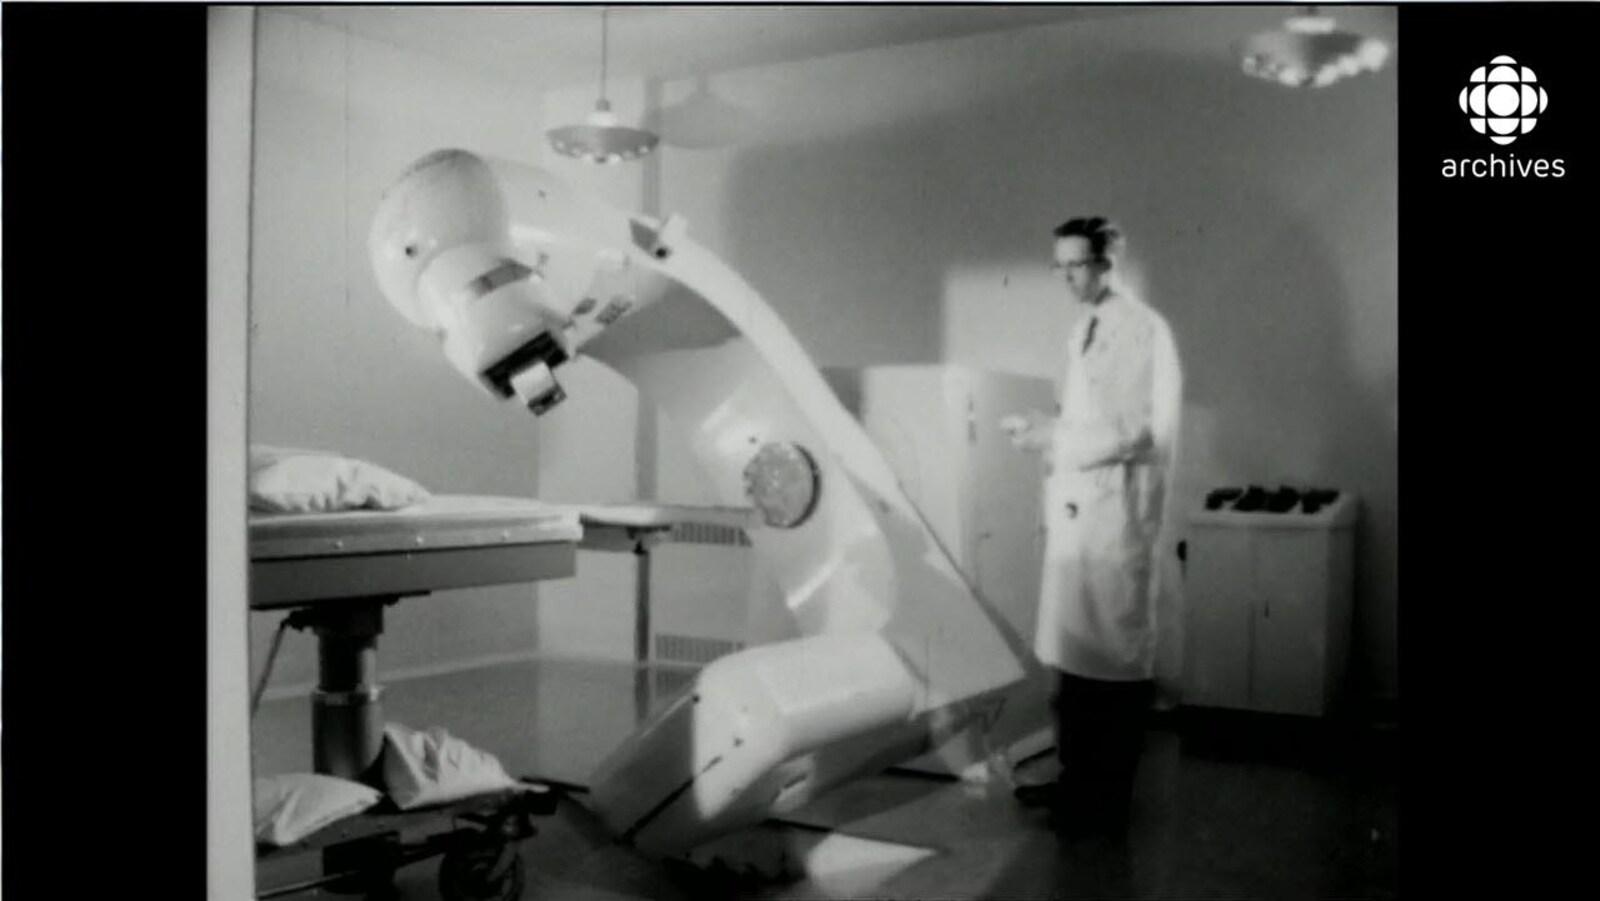 Homme en sarrau manipulant à l'aide d'une manette un gros appareil de médecine nucléaire qui entame une rotation